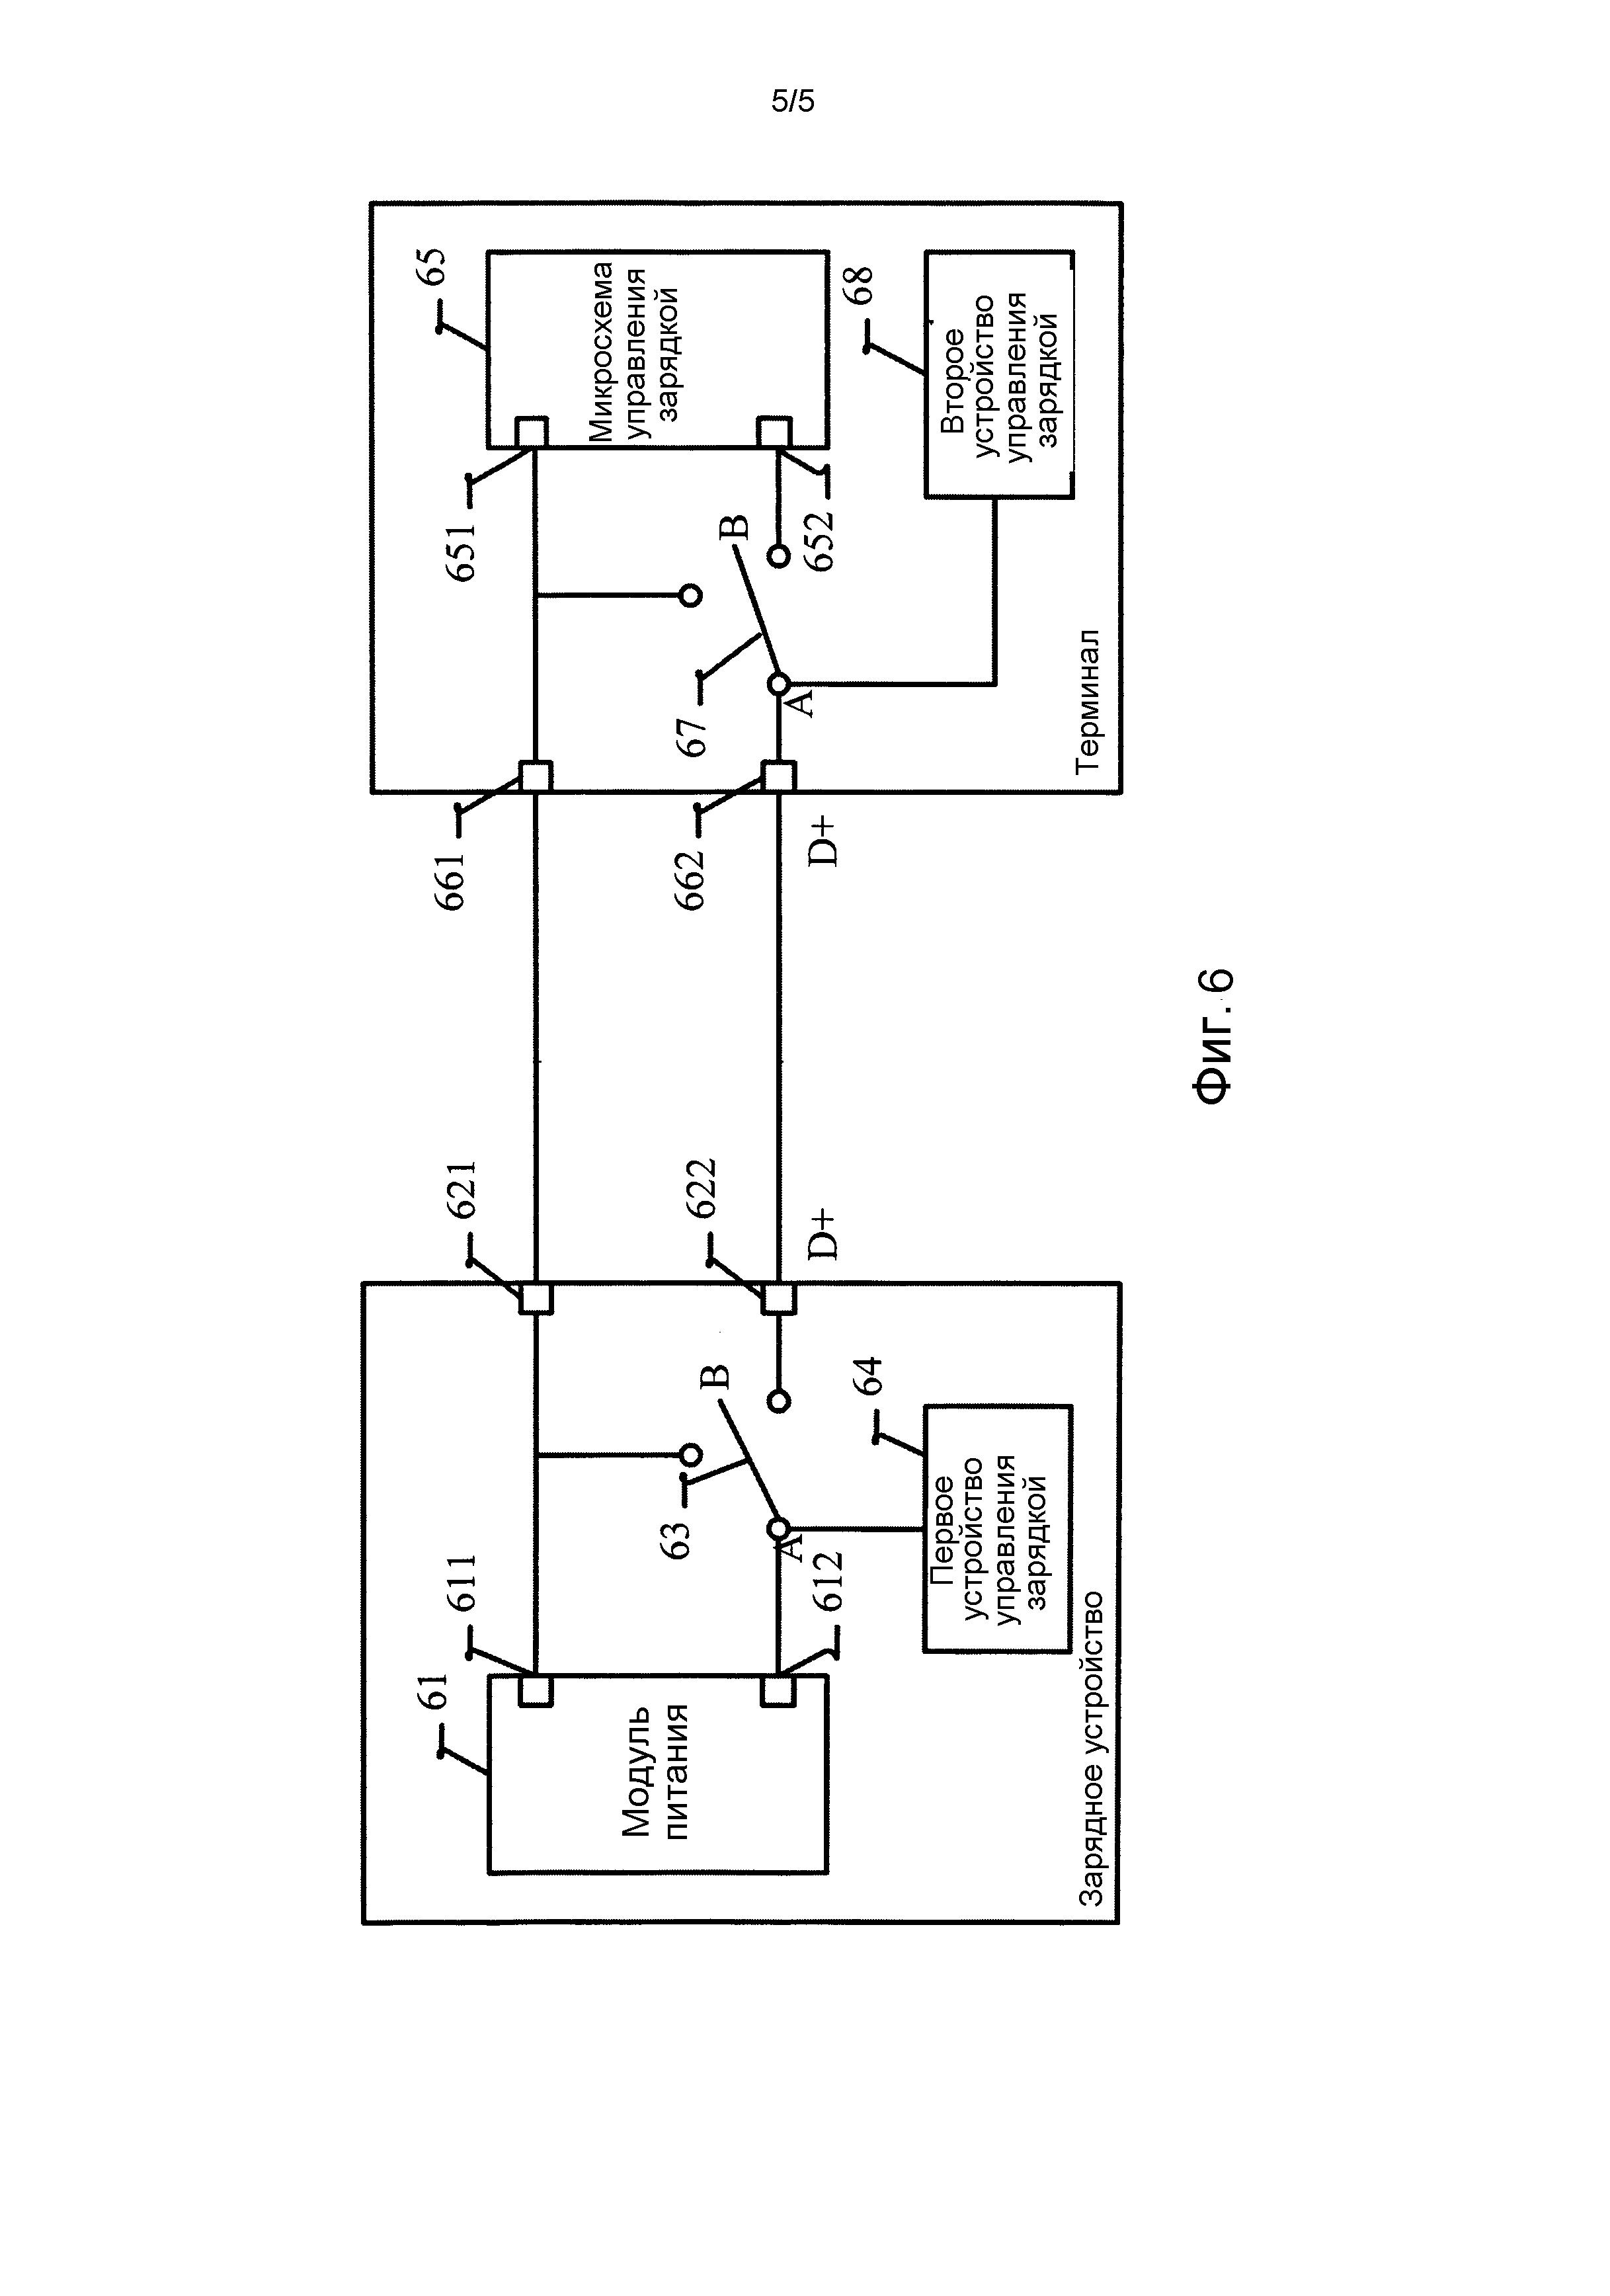 Зарядное устройство, зарядный терминал, зарядная система и способ управления зарядкой